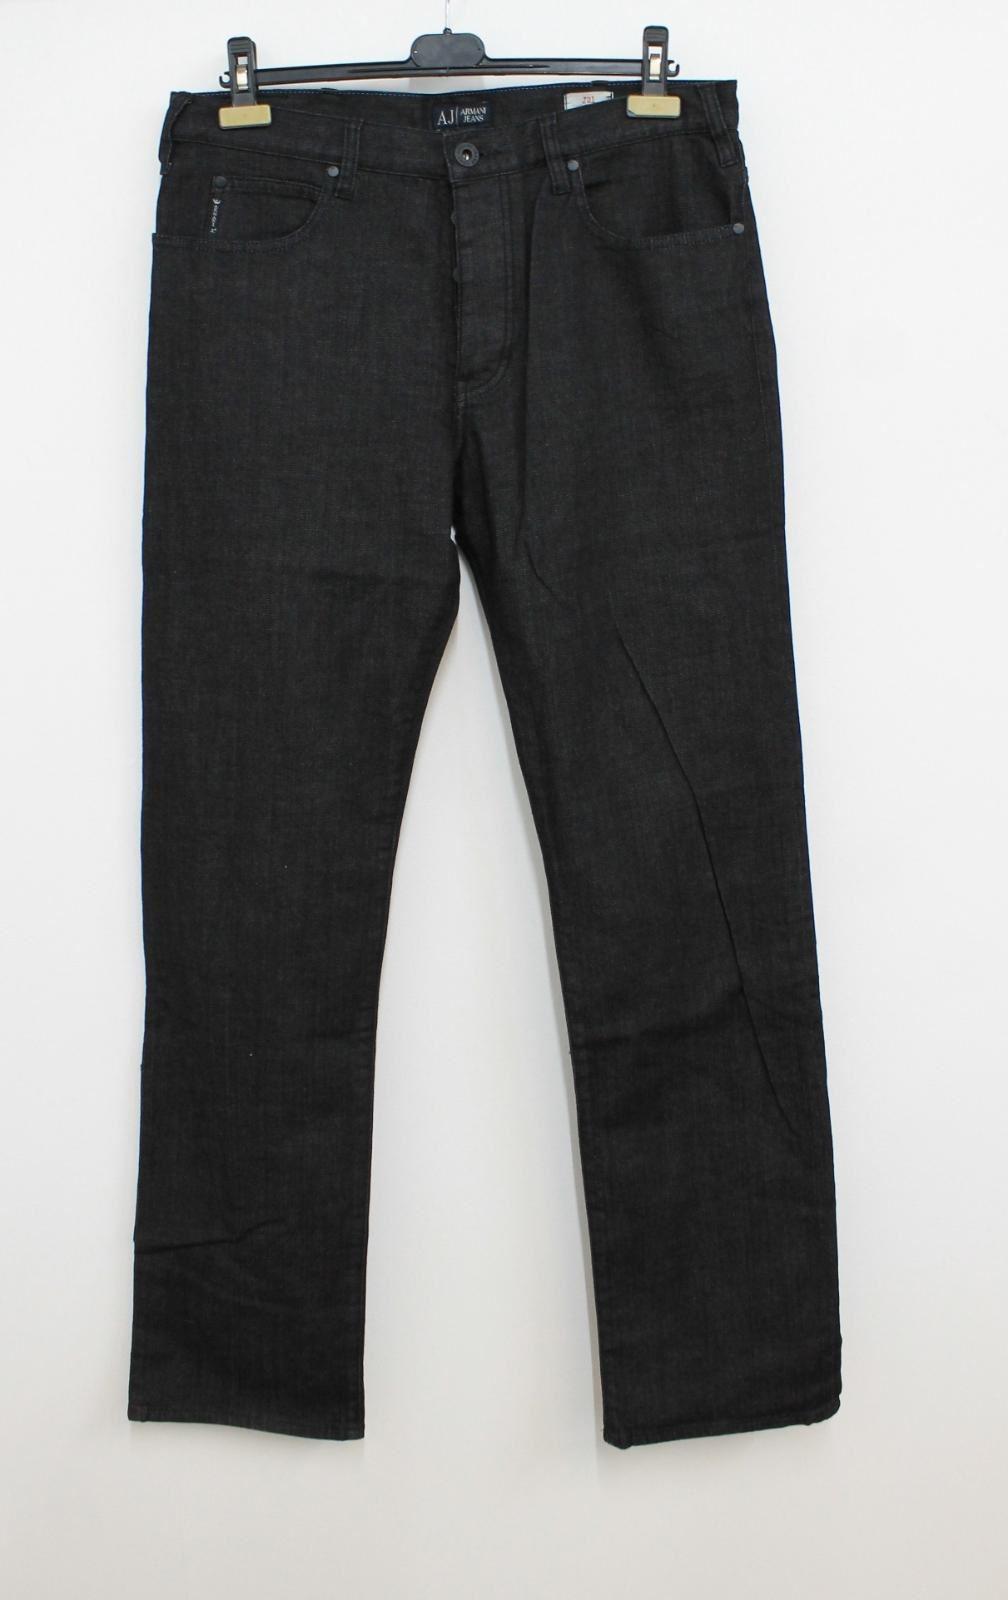 ARMANI-JEANS-Men-039-s-J21-Dark-Grey-Regular-Fit-Straight-Leg-Jeans-Size-W34-L33